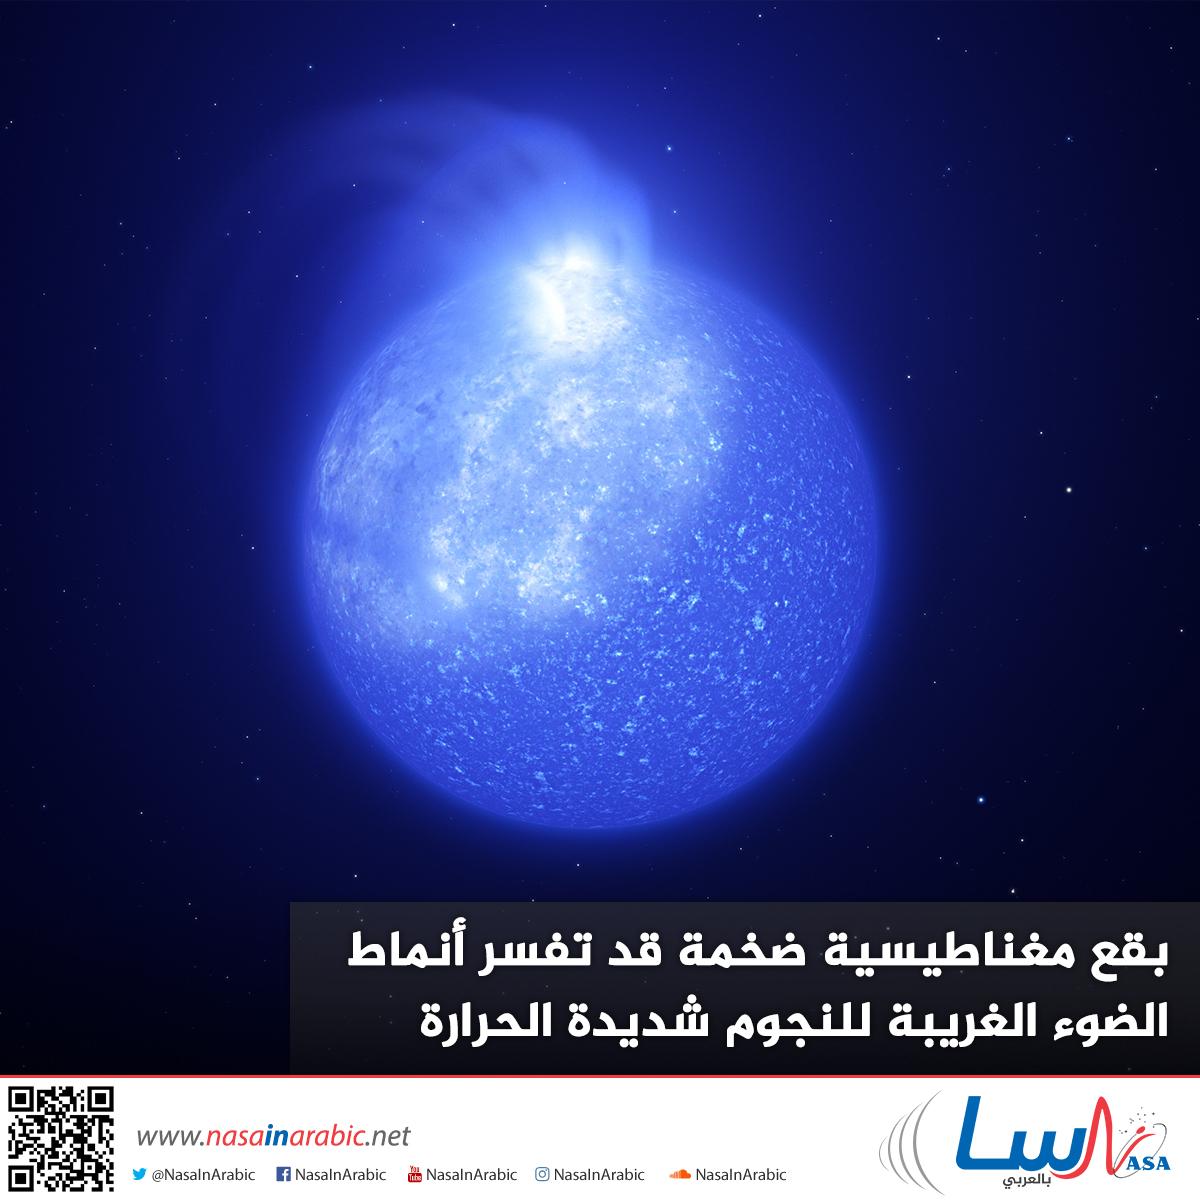 بقع مغناطيسية ضخمة قد تفسر أنماط الضوء الغريبة للنجوم شديدة الحرارة